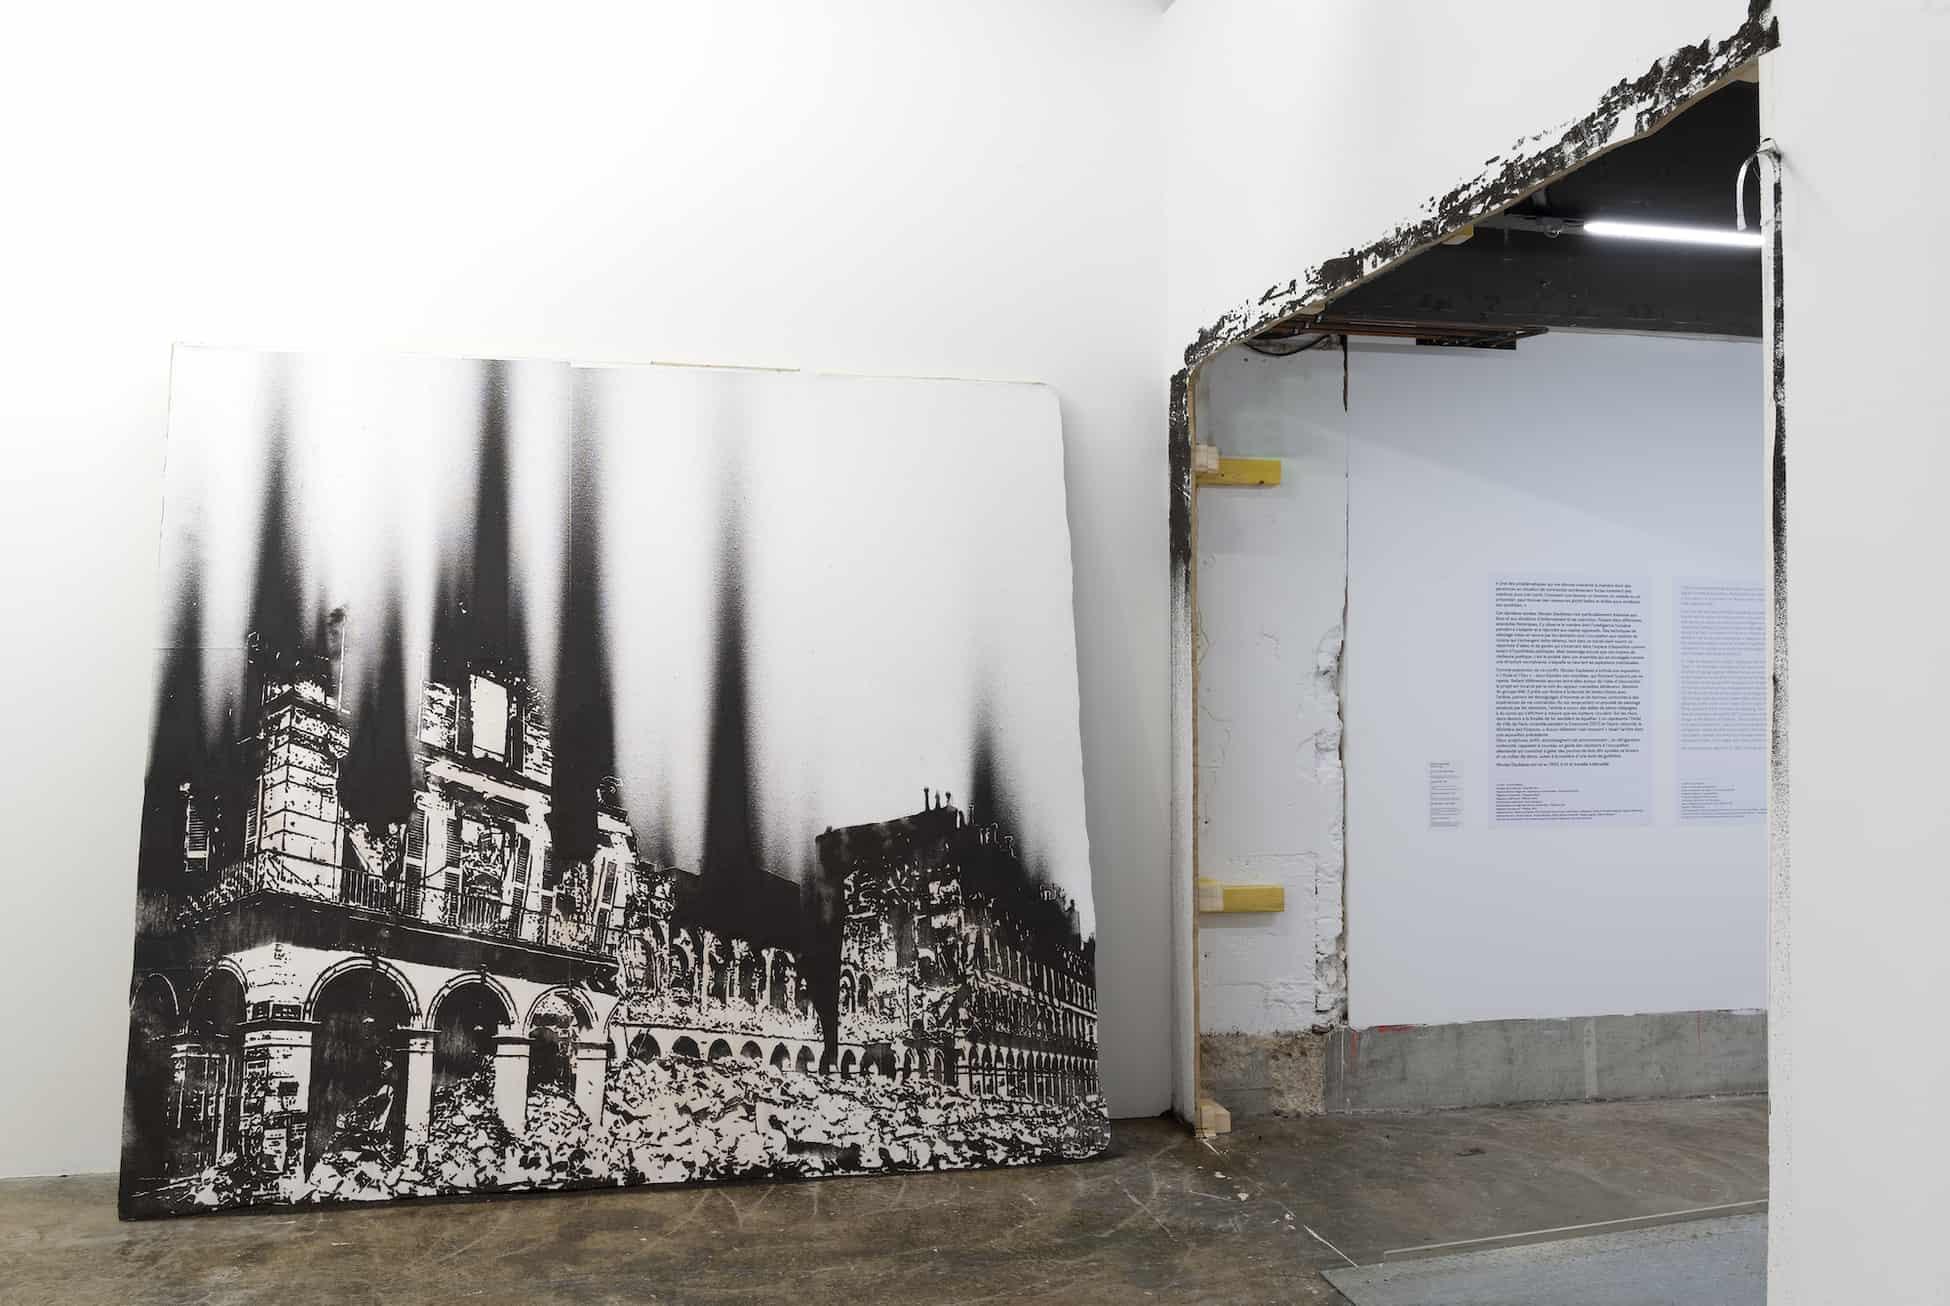 Ministère des finances, 1871, poudre d'acier aimantée, dessin mural, 300x300cm, 2020. Vue de l'exposition L'Huile et l'Eau, Palais de Tokyo, Paris, 2020. ©MarcDomage